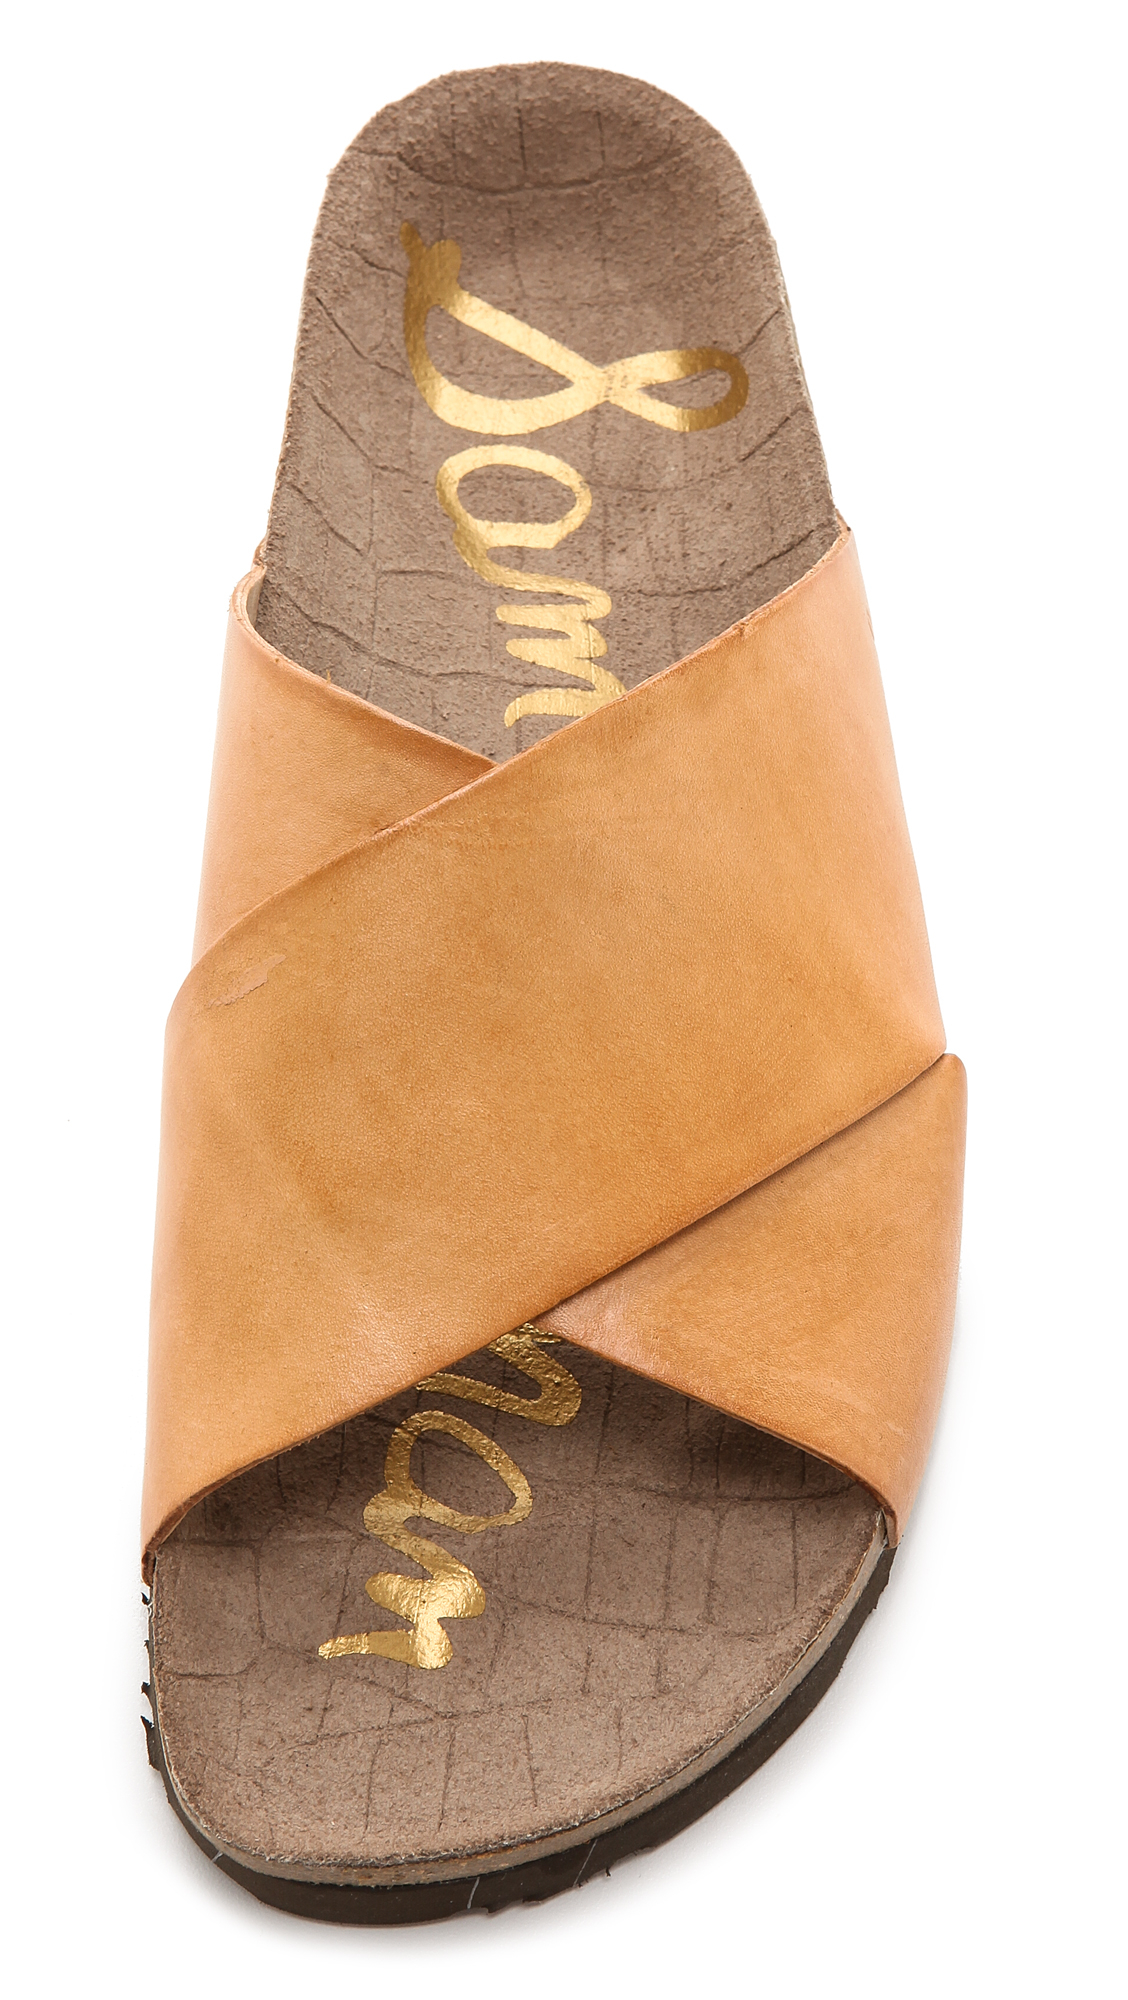 Sam Edelman Adora Cross Strap Sandals In Orange Lyst